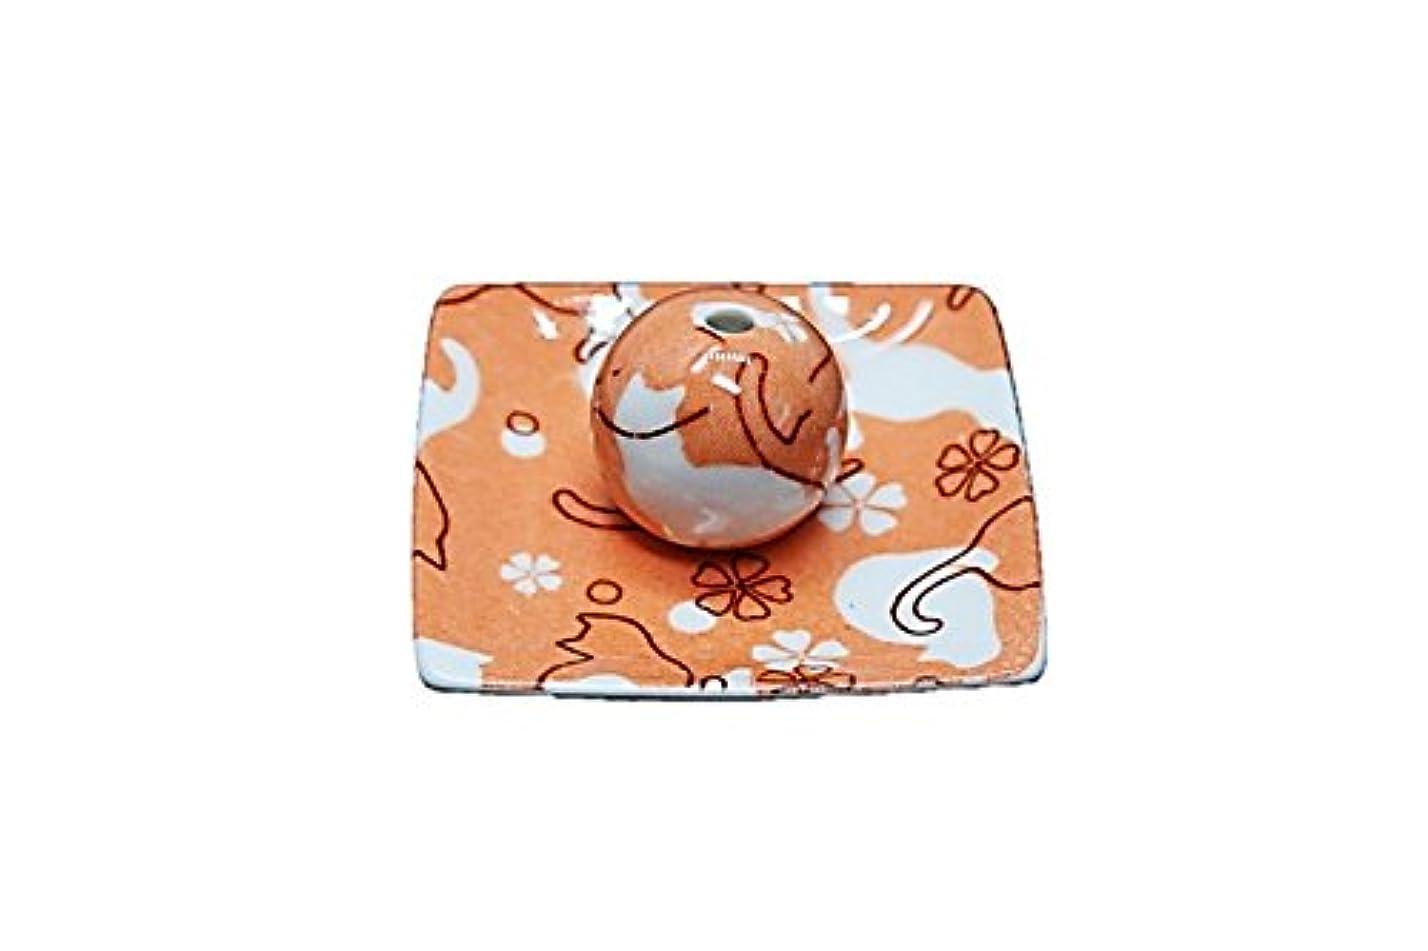 望みしてはいけない幸運なネコ ランド オレンジ 小角皿 お香立て 陶器 ねこ 製造 直売